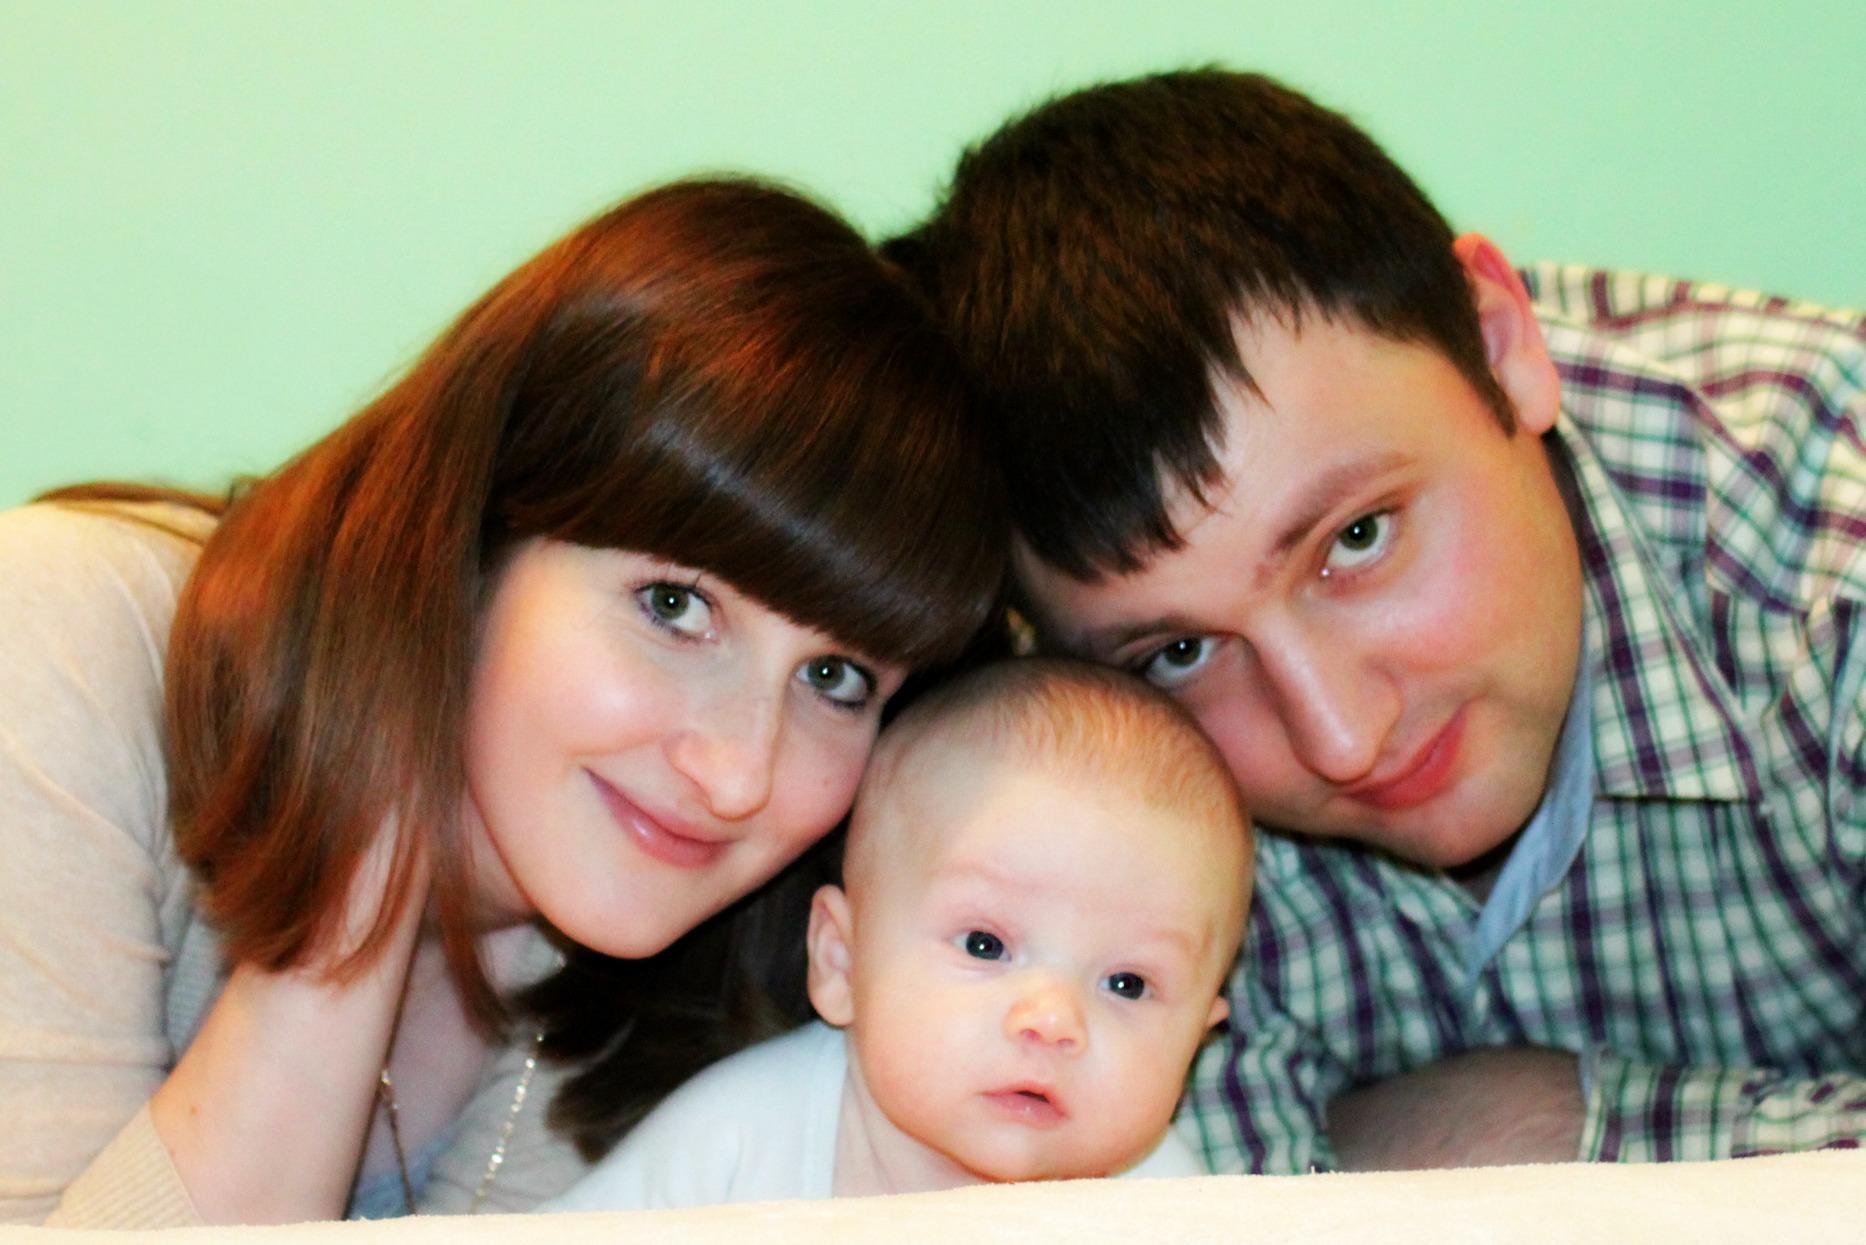 Наше счастье!. Мама, папа, я - счастливая семья!